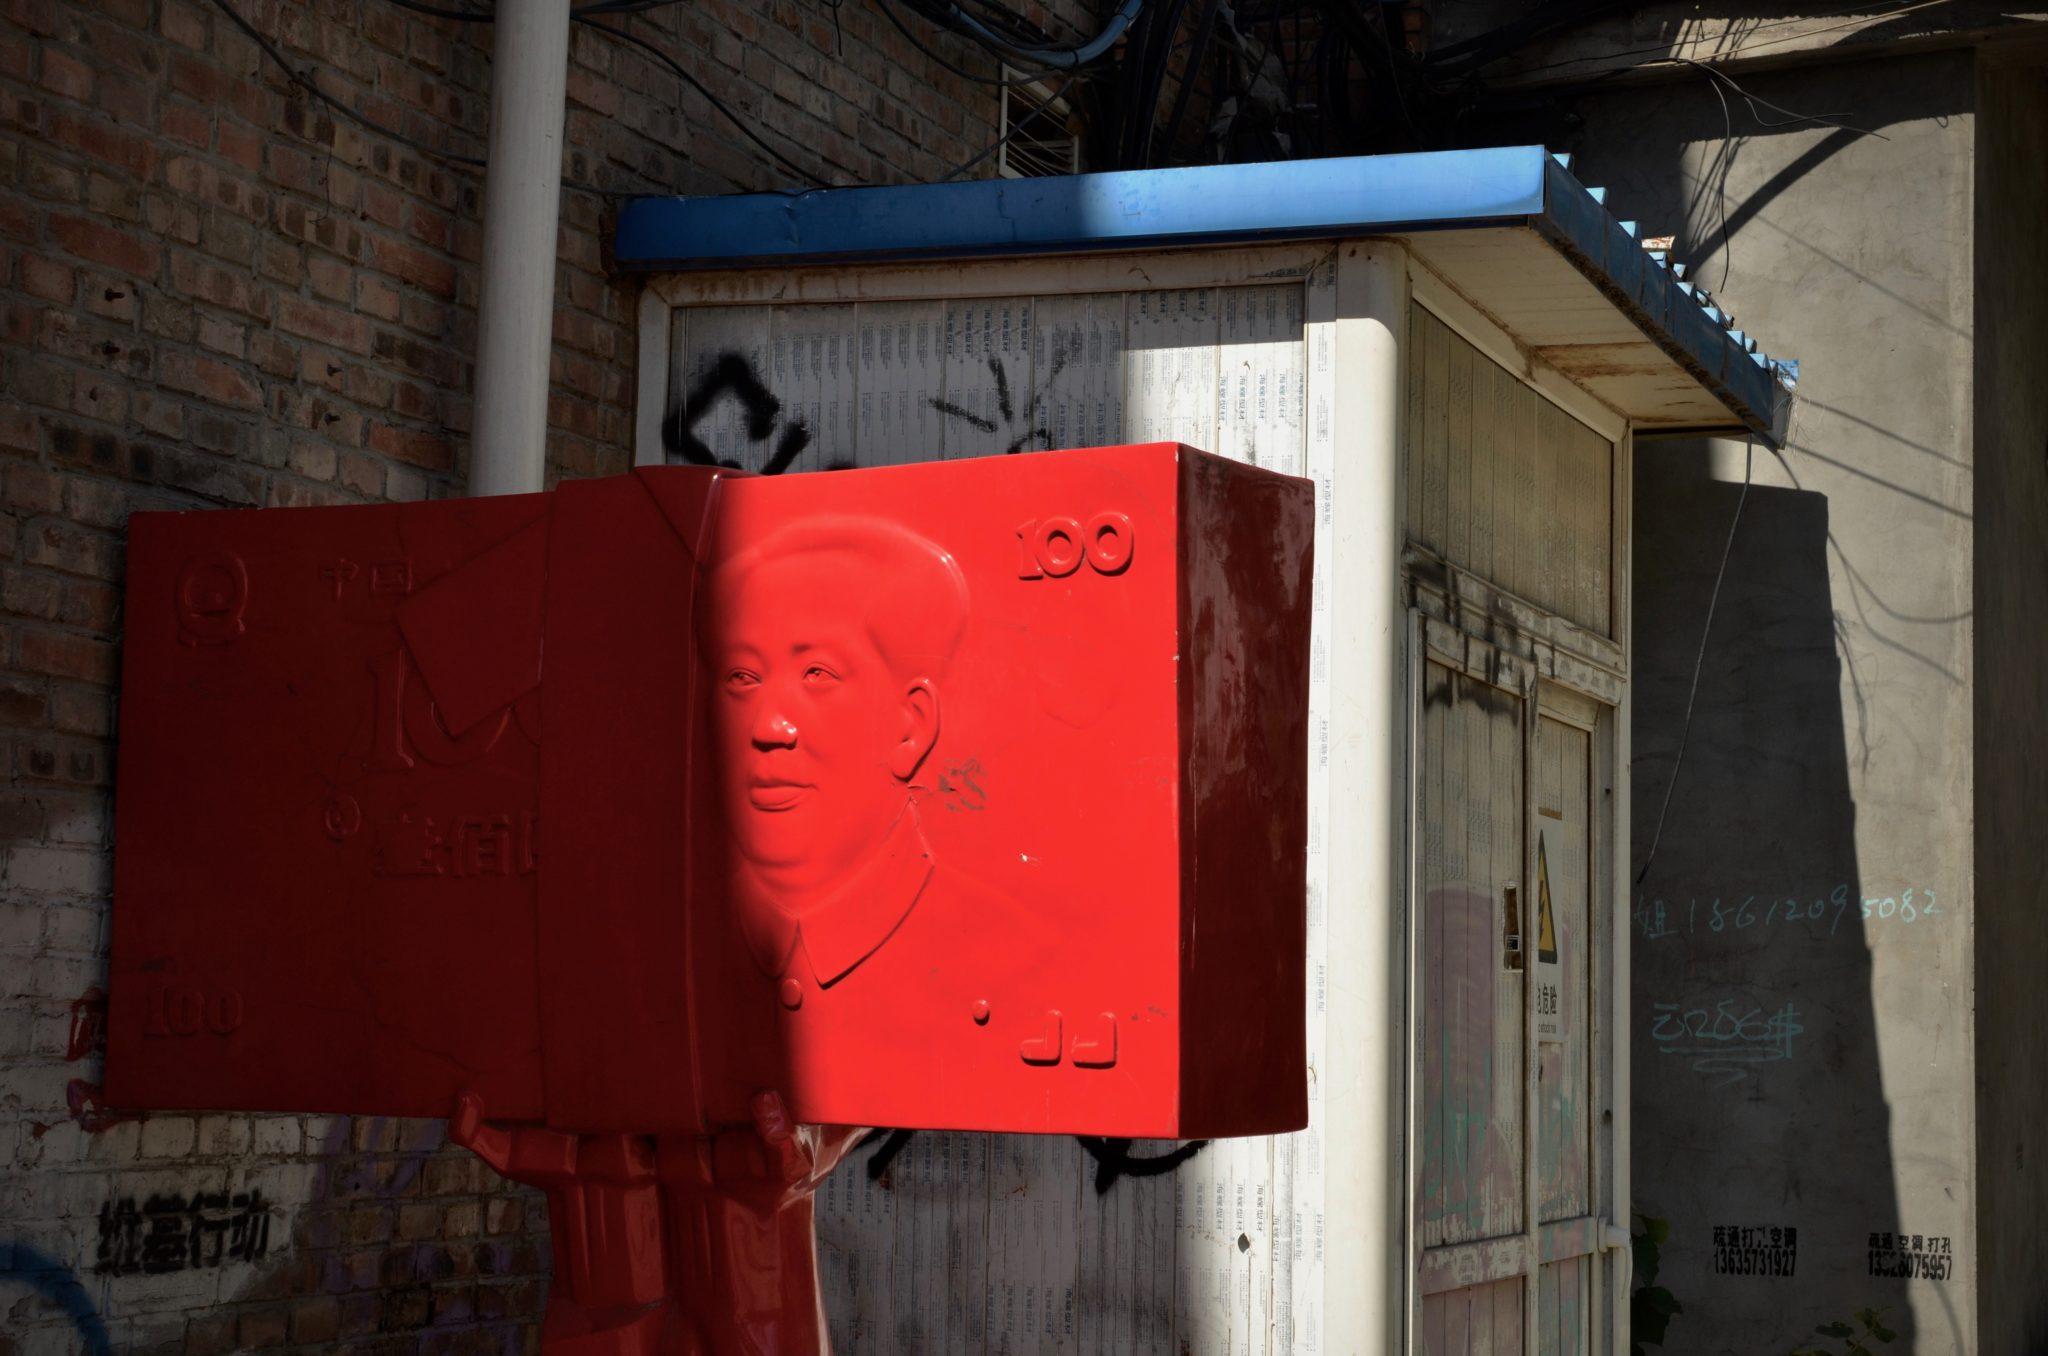 Kunst aus chinesischen Geldscheinen und Mao im Kunst Quartier in Peking